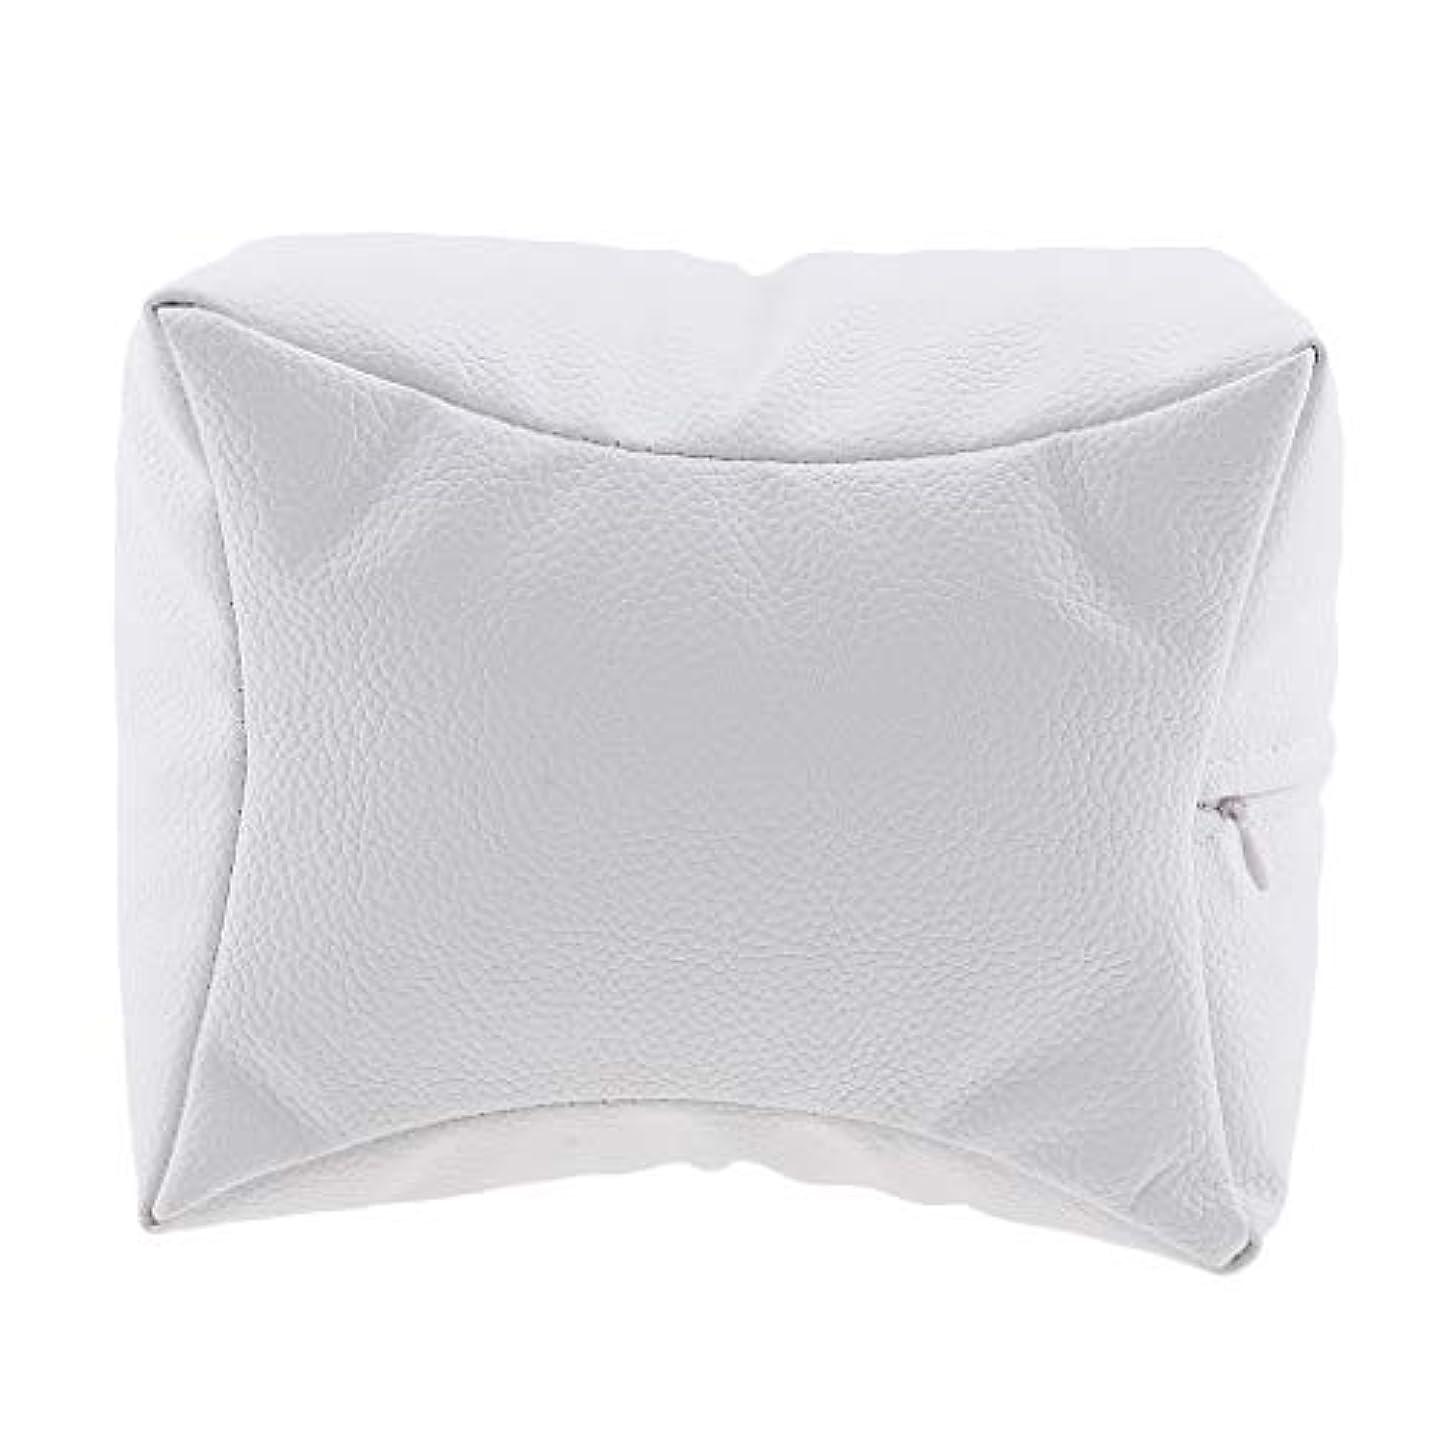 司法かかわらず放つSharplace ネイルアート 手枕 ハンドピロー レストピロー ハンドクッション ネイルサロン 4色選べ - 白